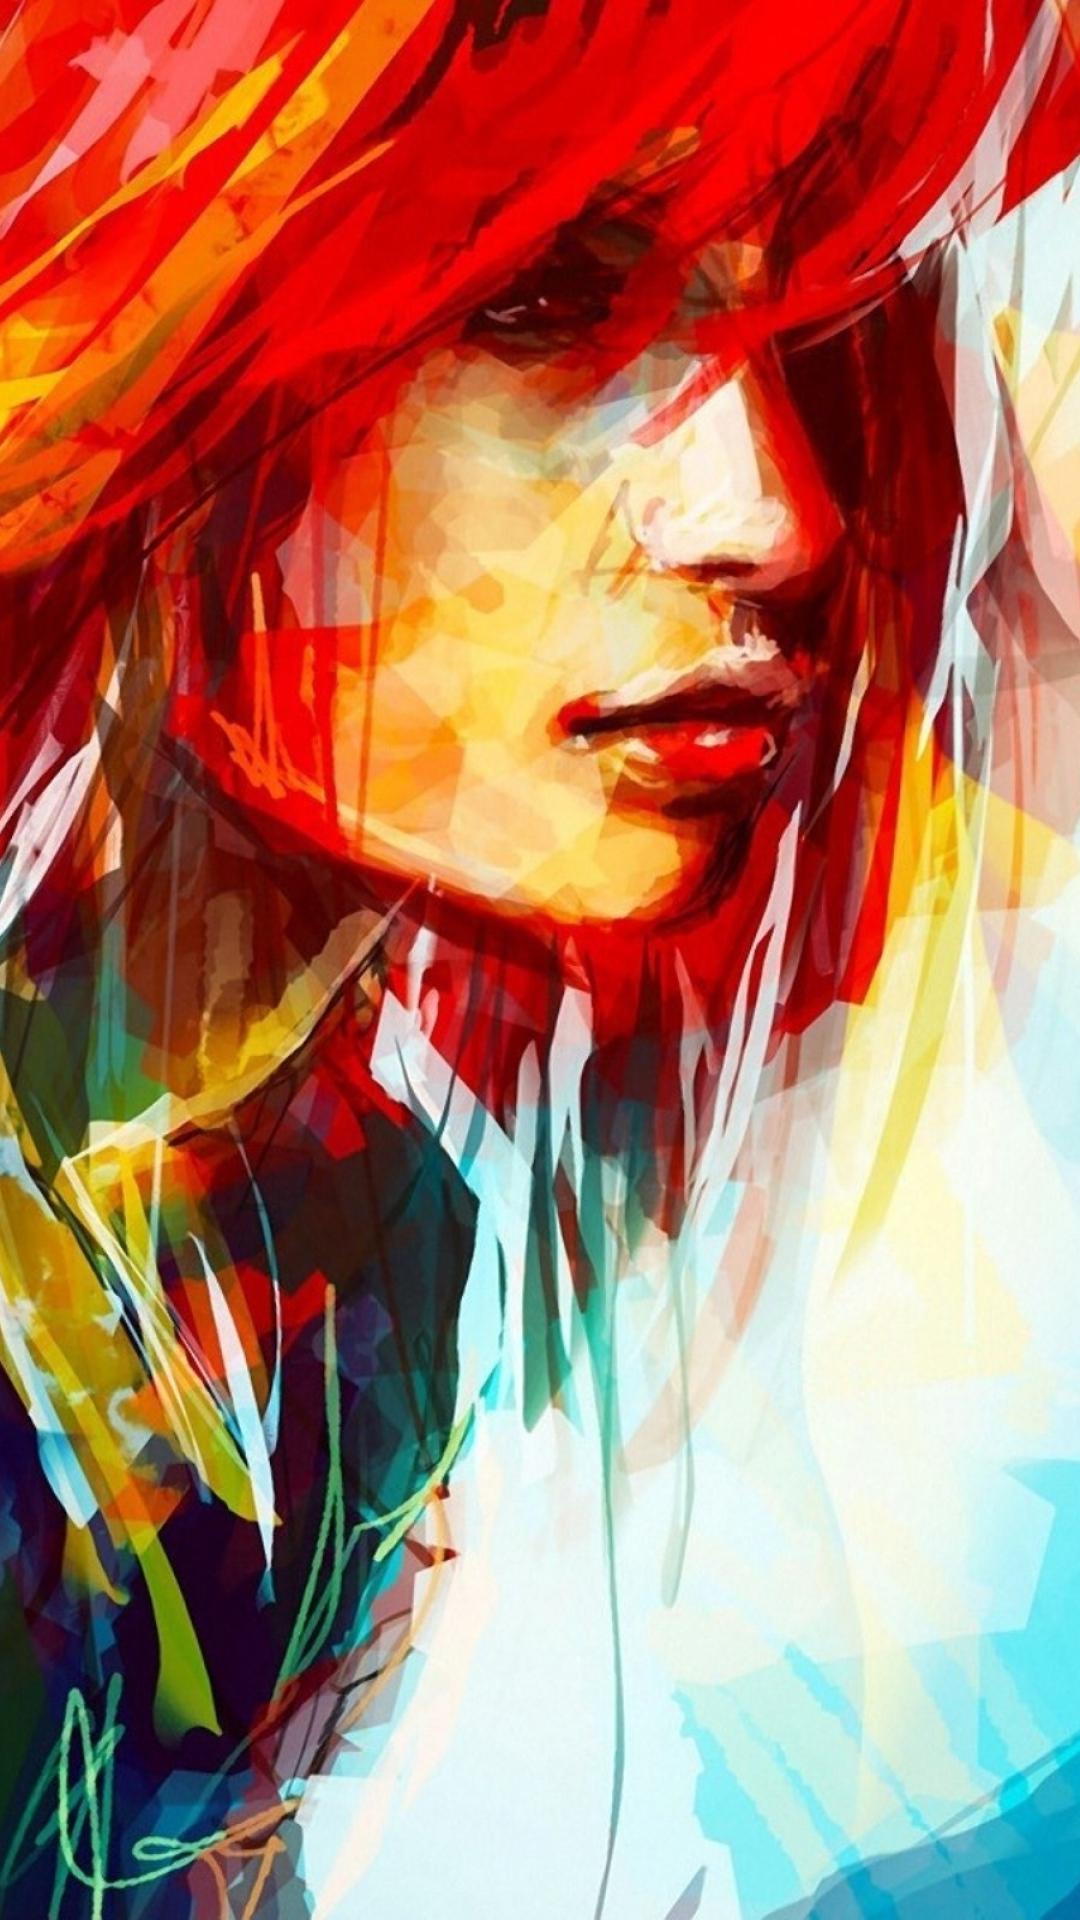 Hd Wallpapers Portrait Sf Wallpaper